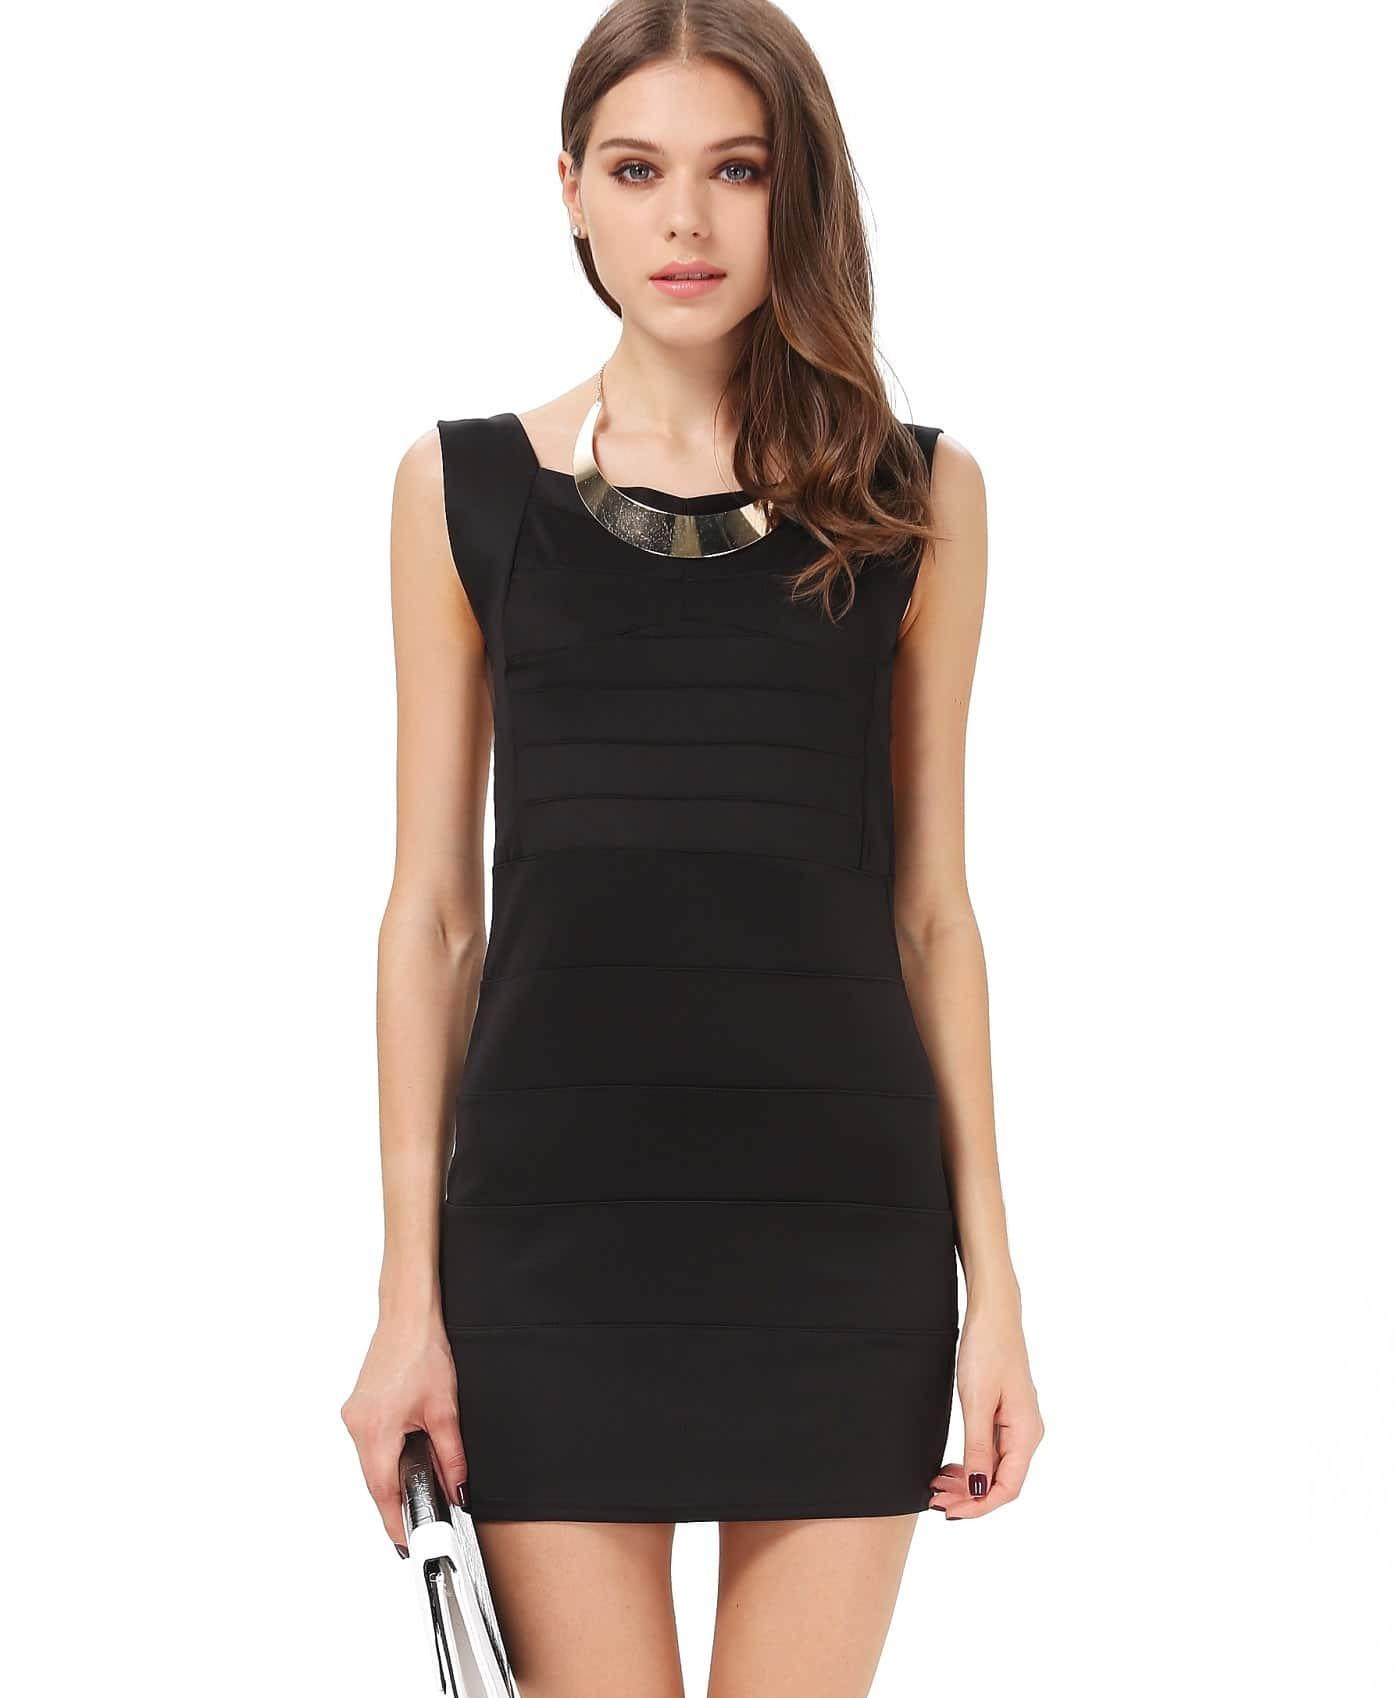 rückenfreies Kleid mit V-Ausschnitt, schwarz- German SheIn ...